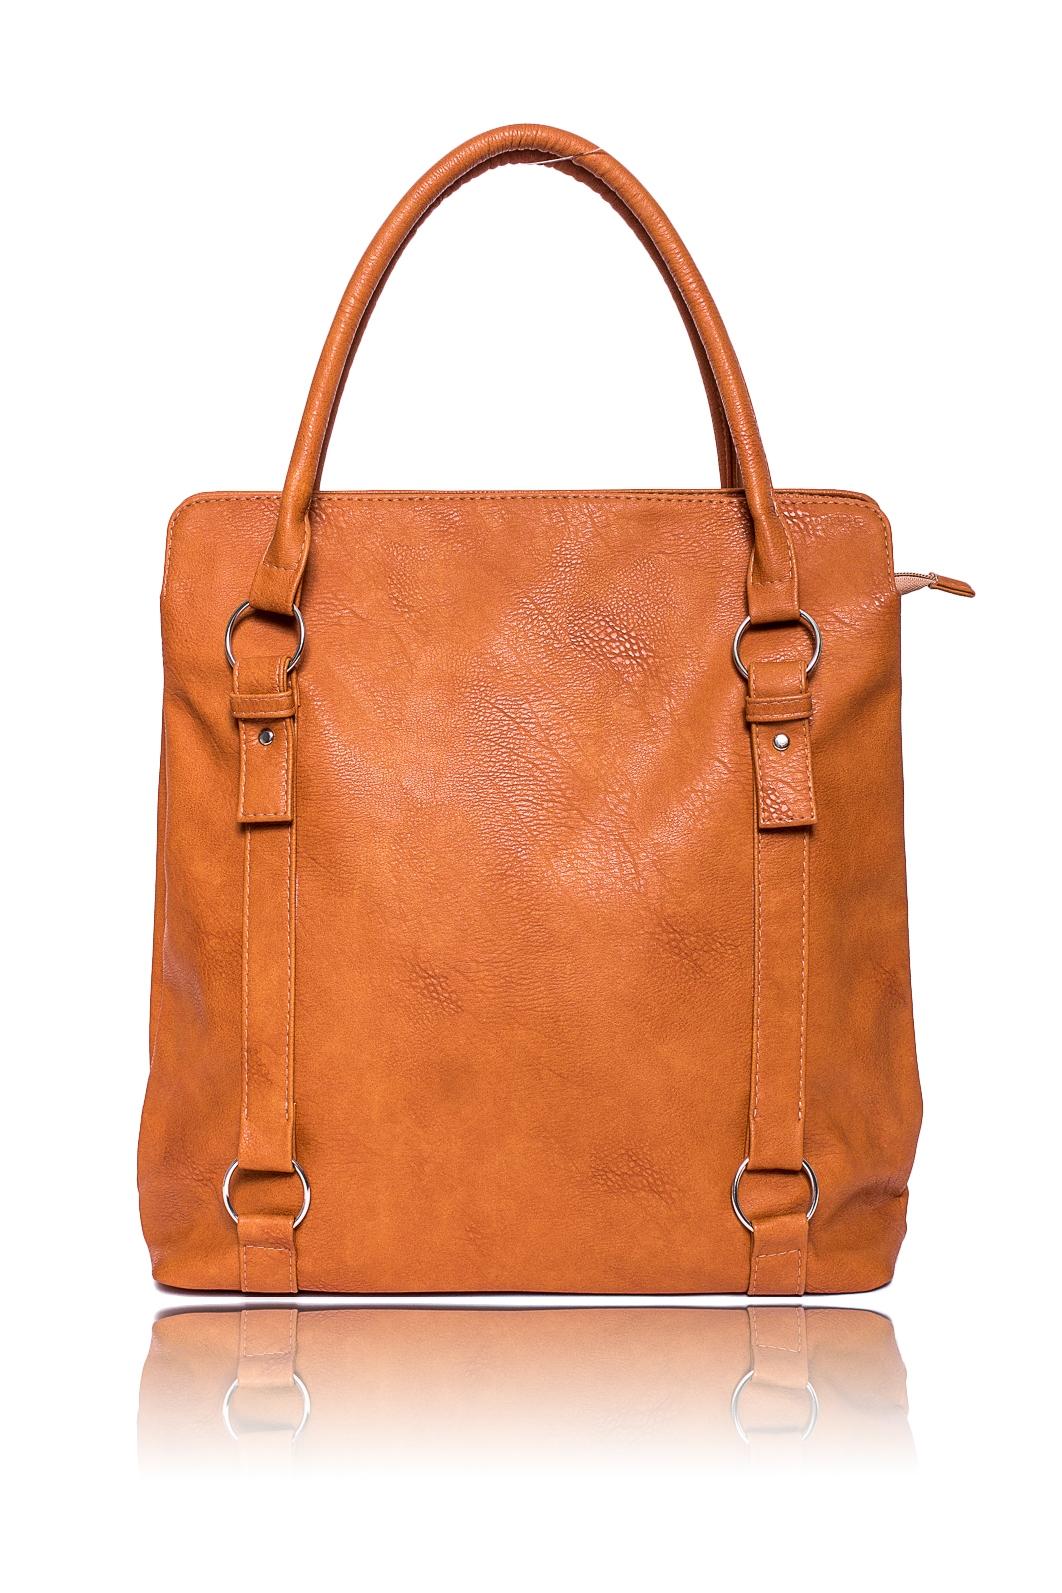 СумкаСумки-шоппинг<br>Женские сумки бренда DINESSI - это стильные аксессуары, которые по достоинству оценят представительницы прекрасного пола.  Сумка - шоппинг с застежкой на молнию, двумя короткими ручками и длинной, отстегивающейся, регулируемой лямкой. На задней части сумки карман на молнии. Внутри два отделения, два накладных кармана и карман на молнии.  Цвет: рыжий.  Размеры: Высота - 39 ± 1 см Длина - 36 ± 1 см Ширина - 11,5 ± 1 см Длина ручек - 56,5 ± 1 см<br><br>Отделения: 2 отделения<br>По материалу: Искусственная кожа<br>По размеру: Крупные<br>По рисунку: Однотонные<br>По силуэту стенок: Прямоугольные<br>По способу ношения: В руках,На плечо<br>По степени жесткости: Мягкие<br>По типу застежки: С застежкой молнией<br>По элементам: Карман на молнии,Карман под телефон,С ремнями<br>Ручки: Длинные,Короткие<br>Размер : UNI<br>Материал: Искусственная кожа<br>Количество в наличии: 1